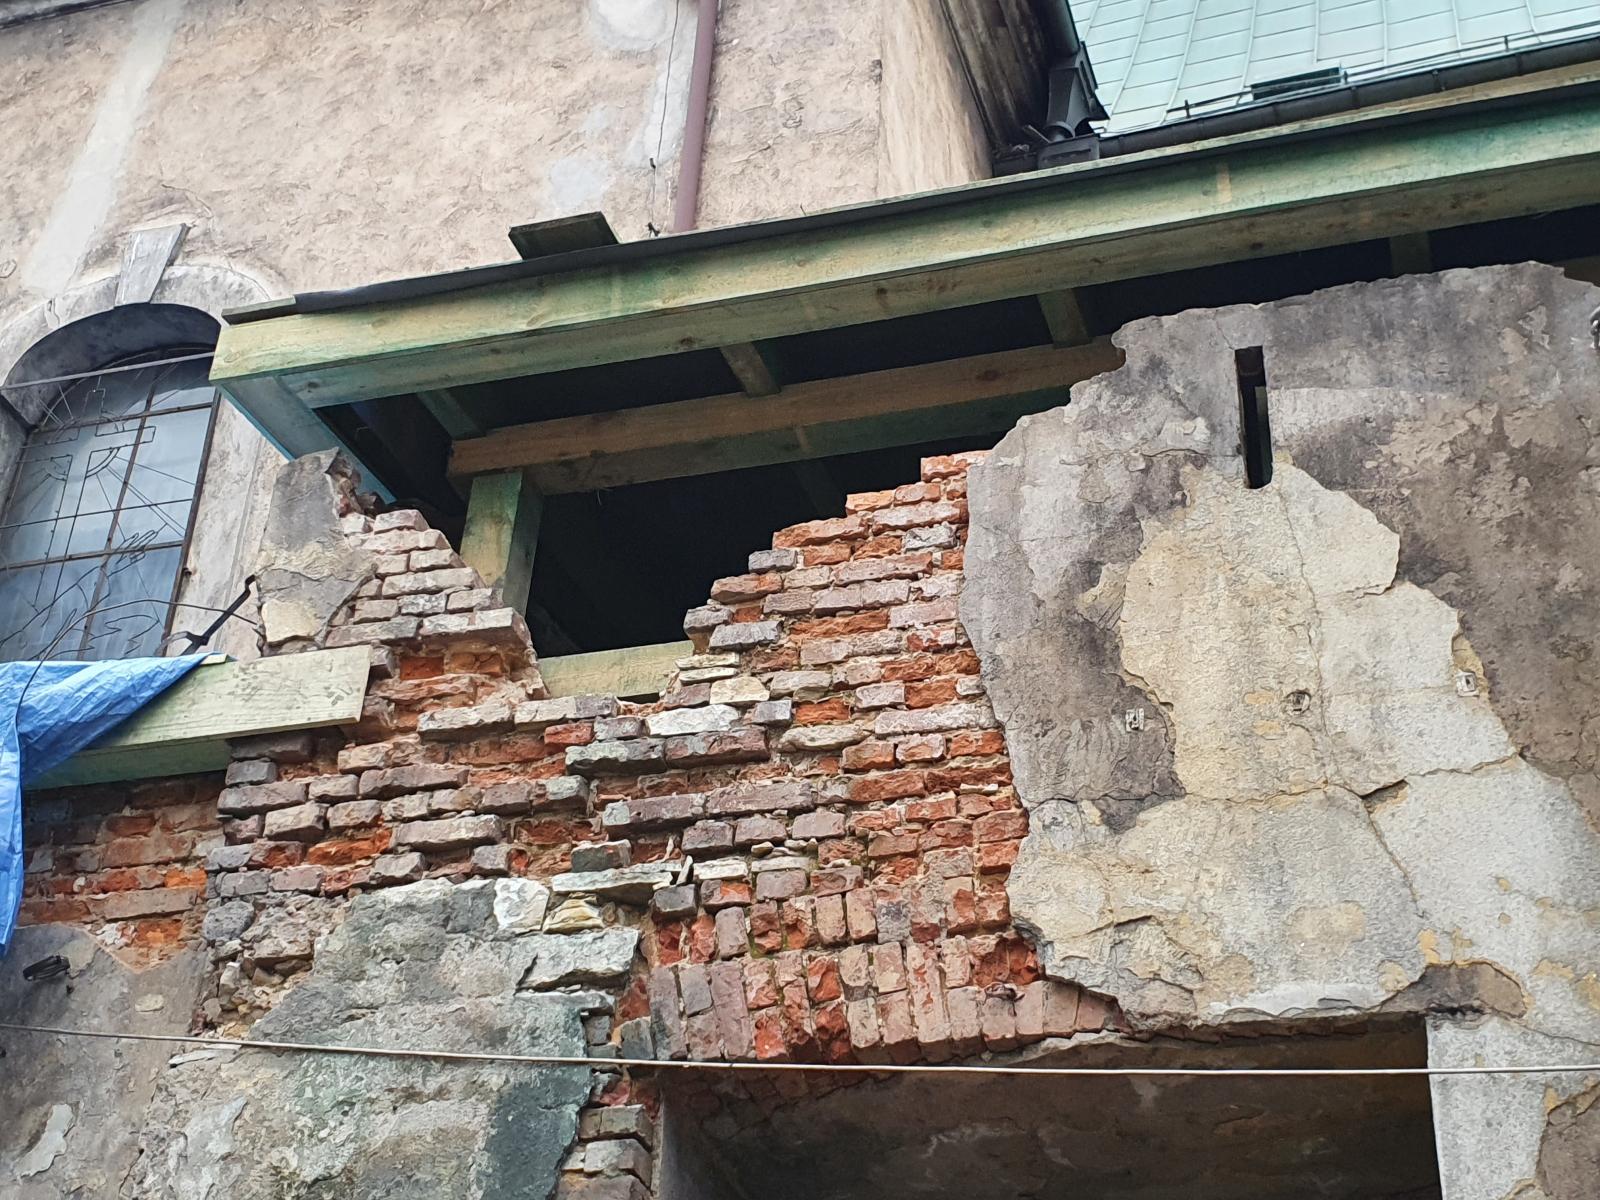 17.03.2021 - Remont dachów nad kaplicą i zakrystiami. Dalszy postęp prac.